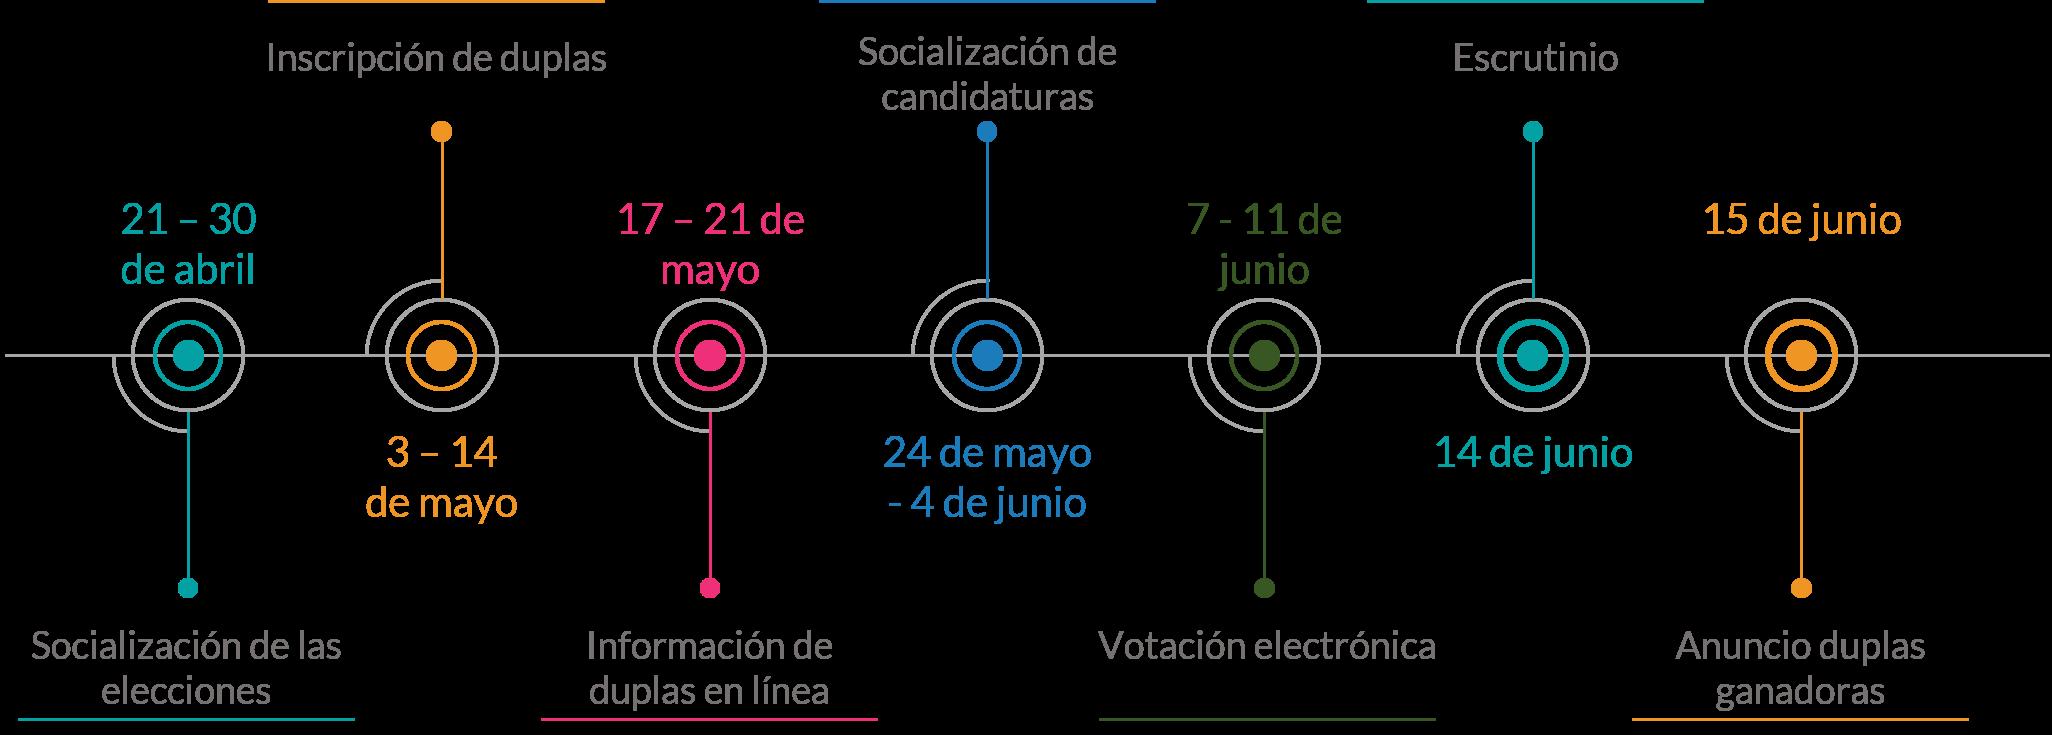 Cronograma de las elecciones profesorales a Consejos Académico y Superior